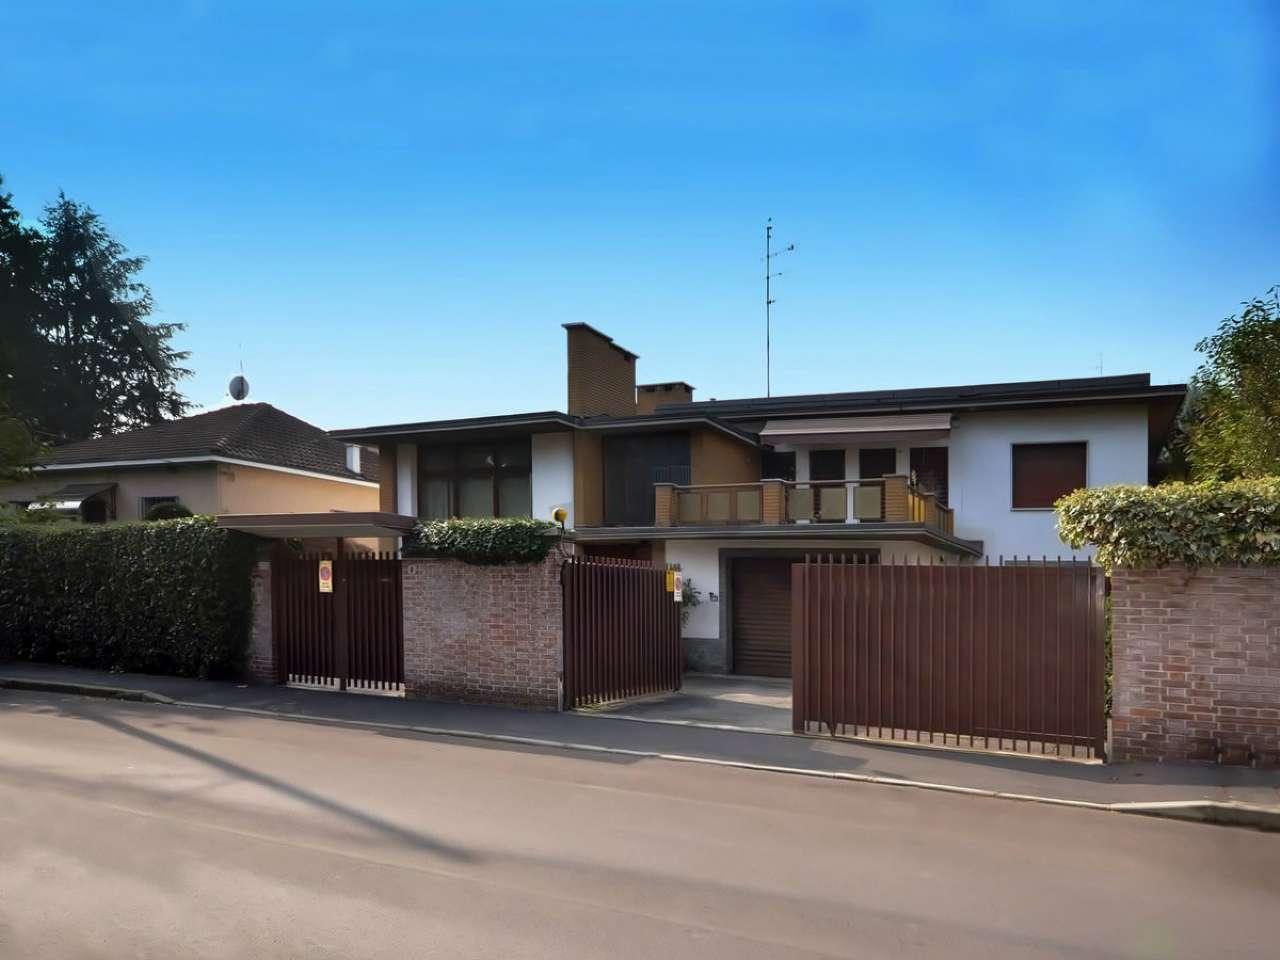 Villa in vendita a Cinisello Balsamo, 6 locali, prezzo € 700.000 | Cambio Casa.it